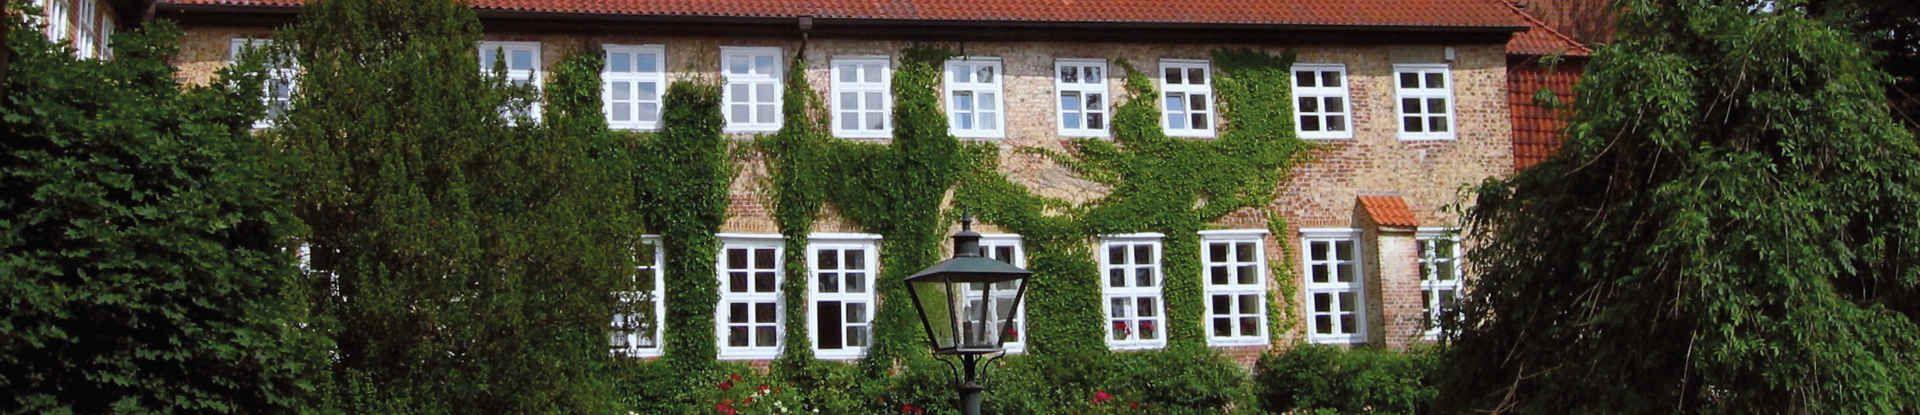 Kloster Ebstorf von außen